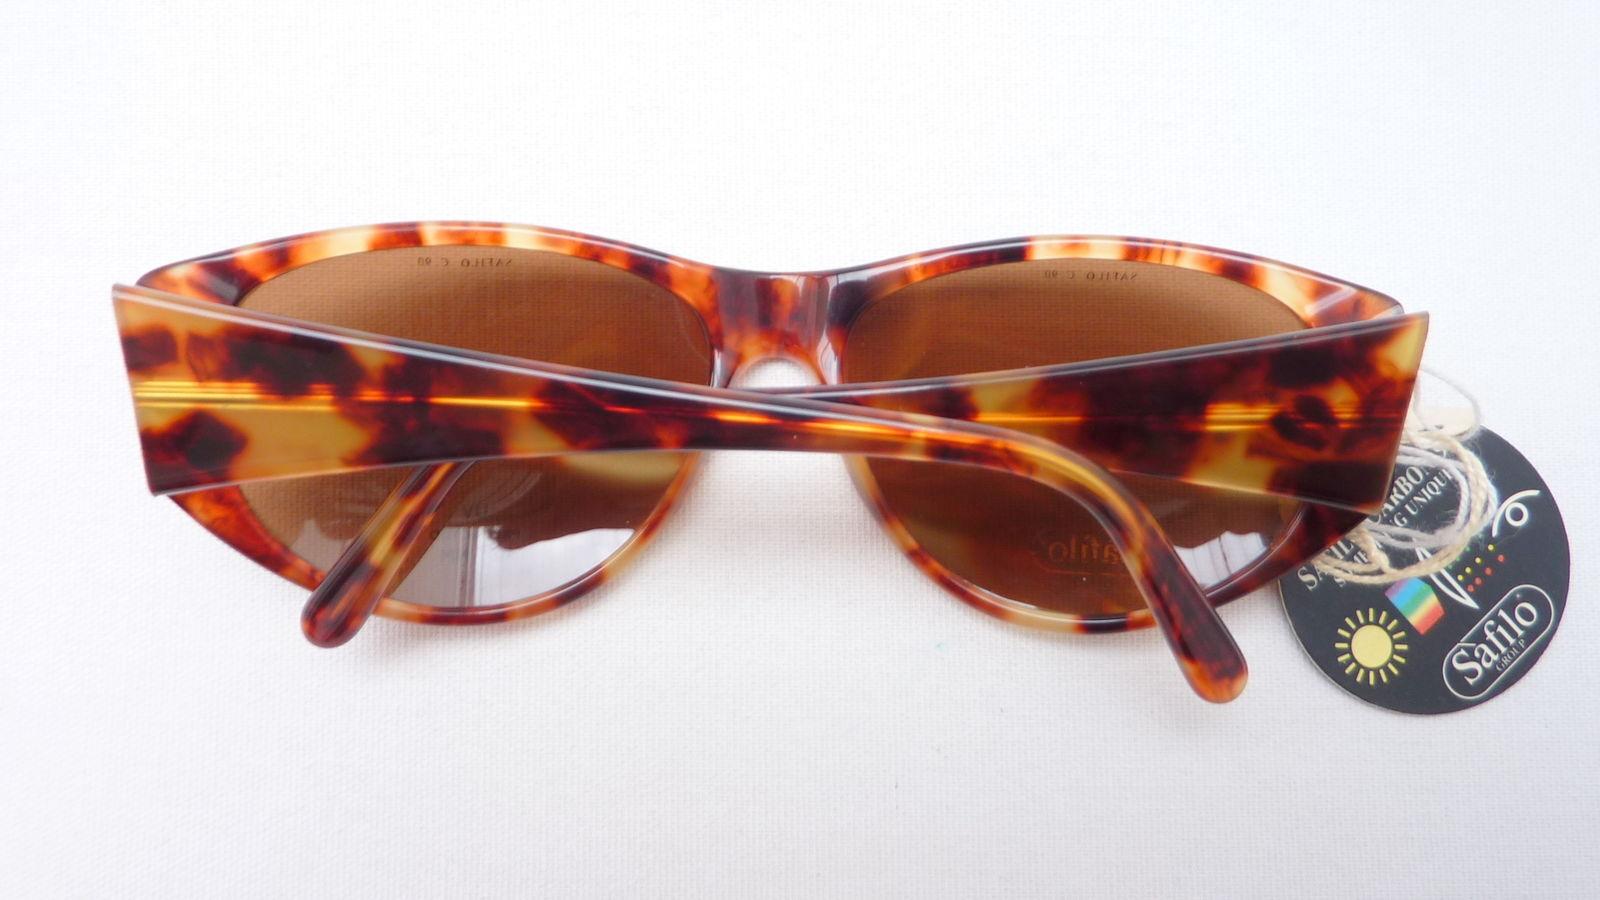 SafiloSonnenbrille Damen XXL 70s tolles tolles tolles Design made in  Vintage   Größe L    Passend In Der Farbe    Primäre Qualität    Tadellos  9d7544